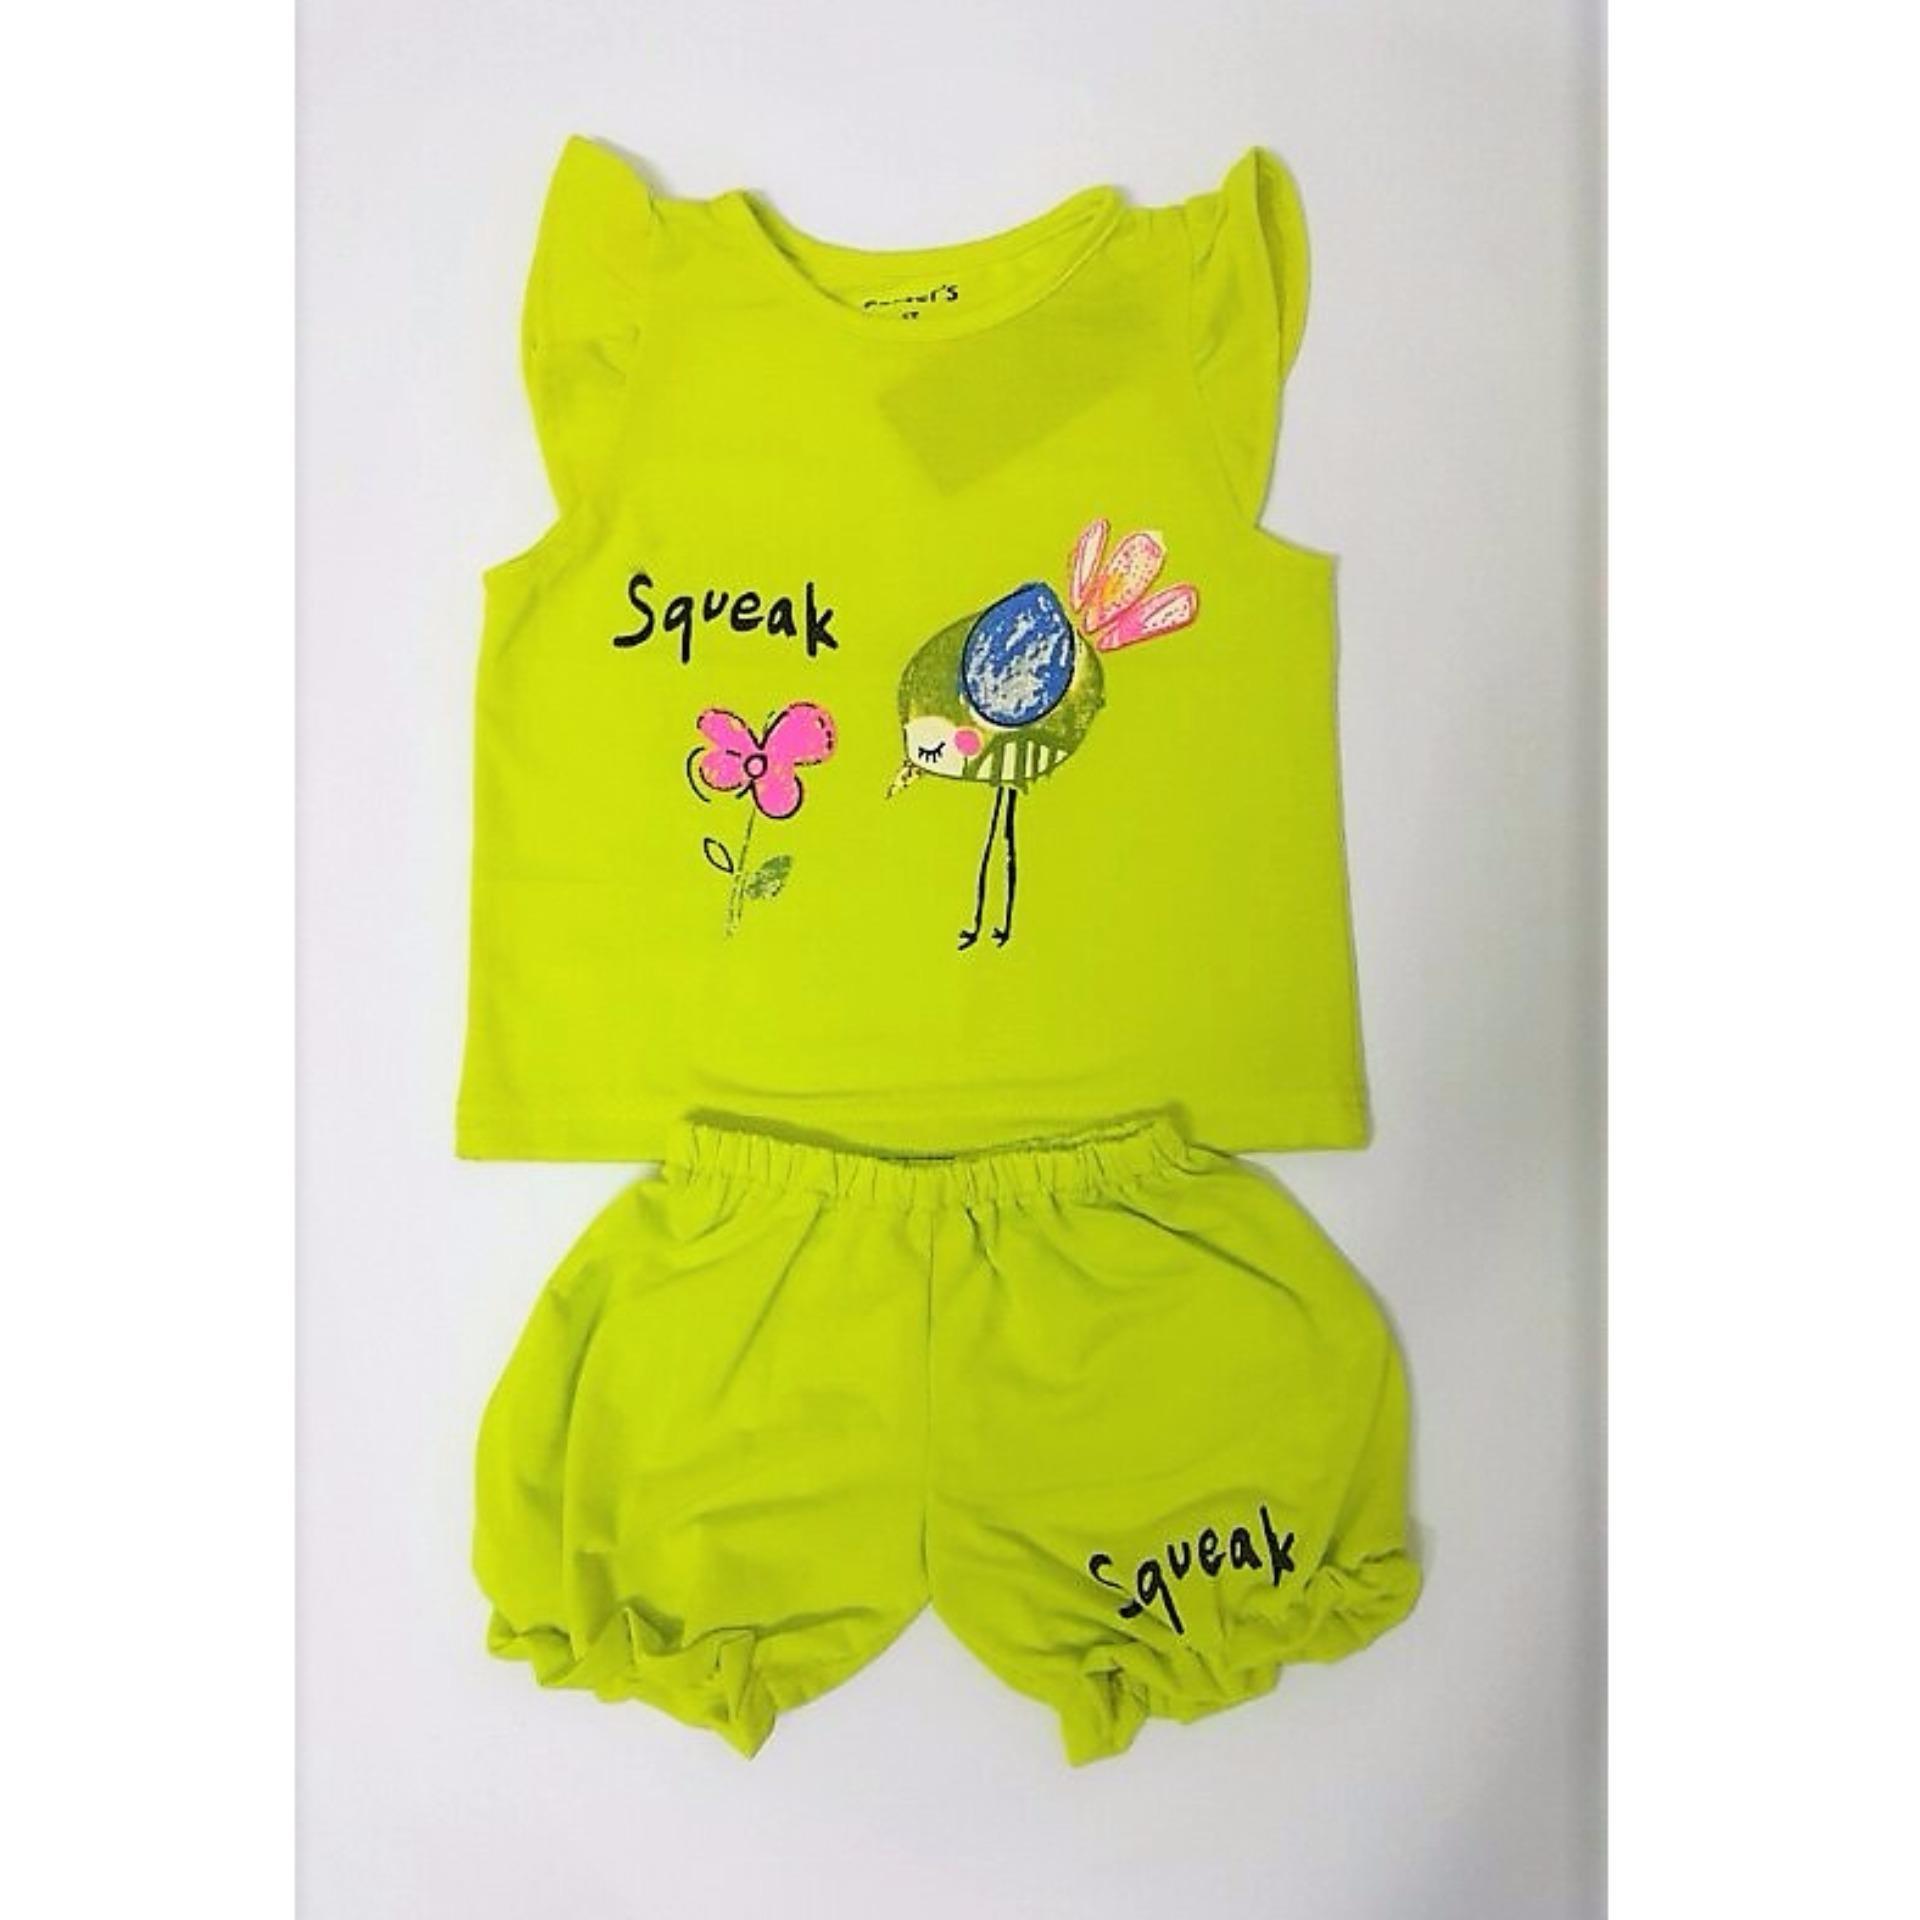 Bộ quần áo bé gái cực xinh (màu vàng)